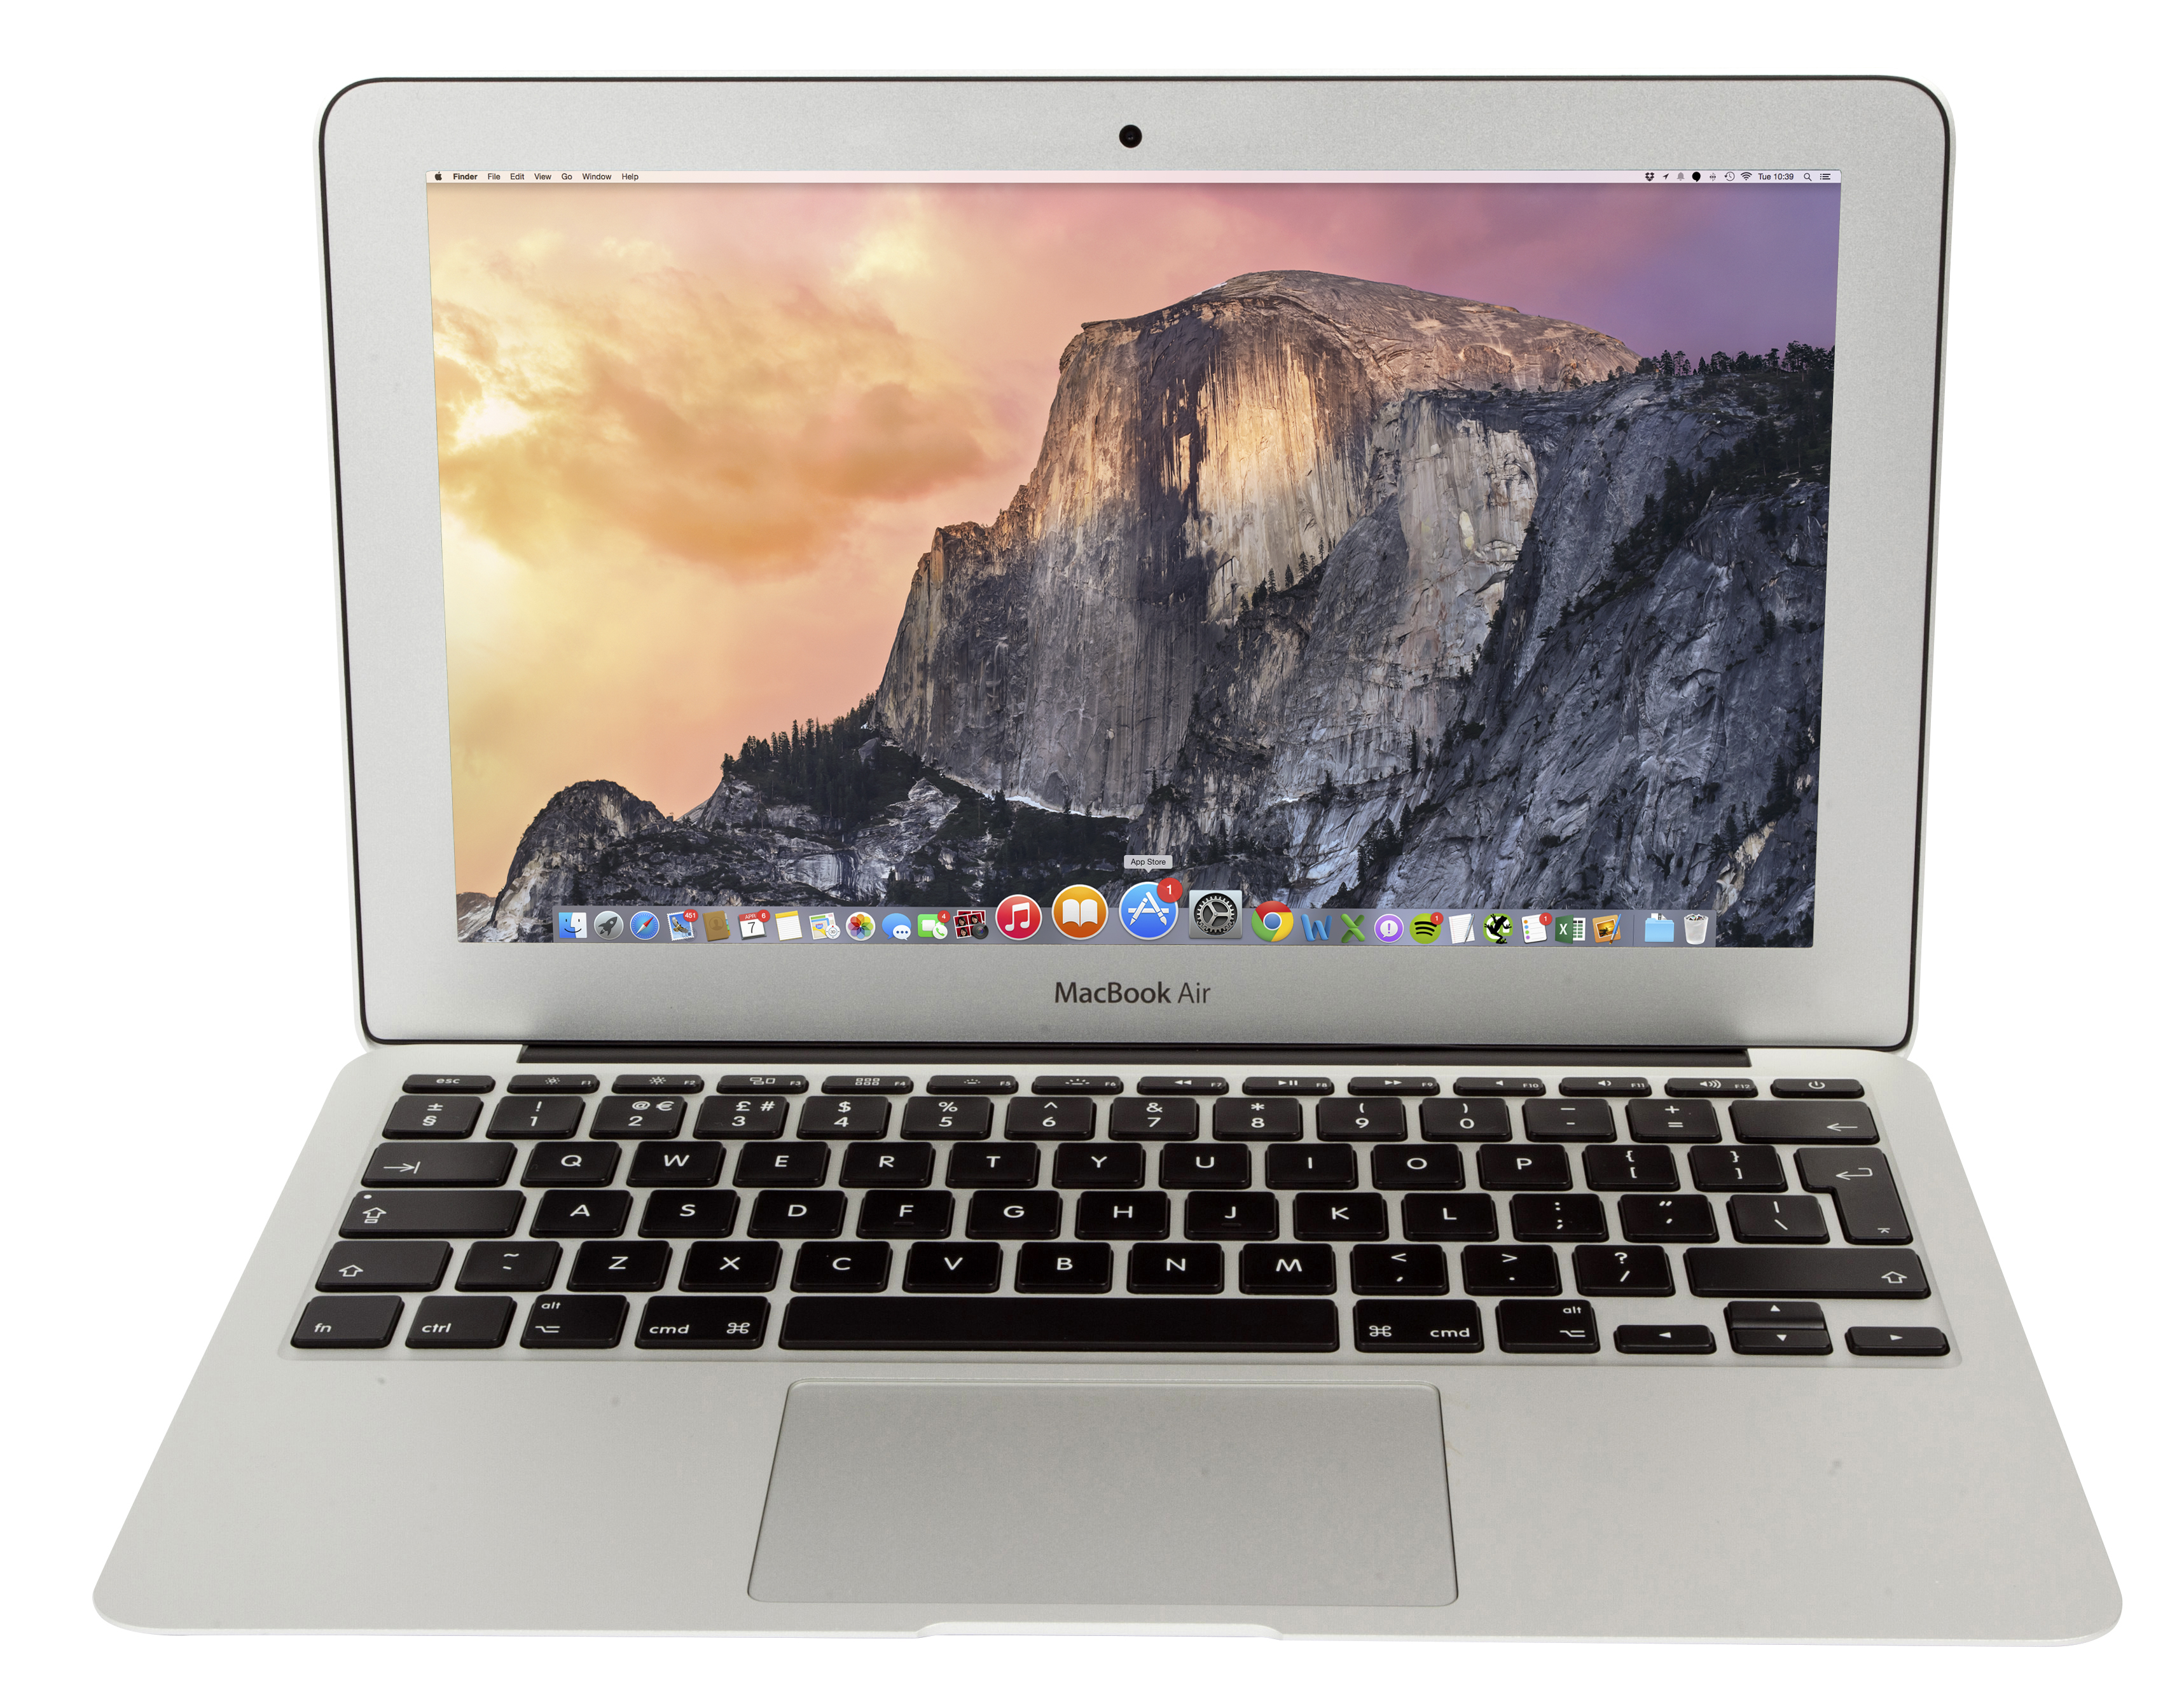 Buy MacBook Air - Education - Apple